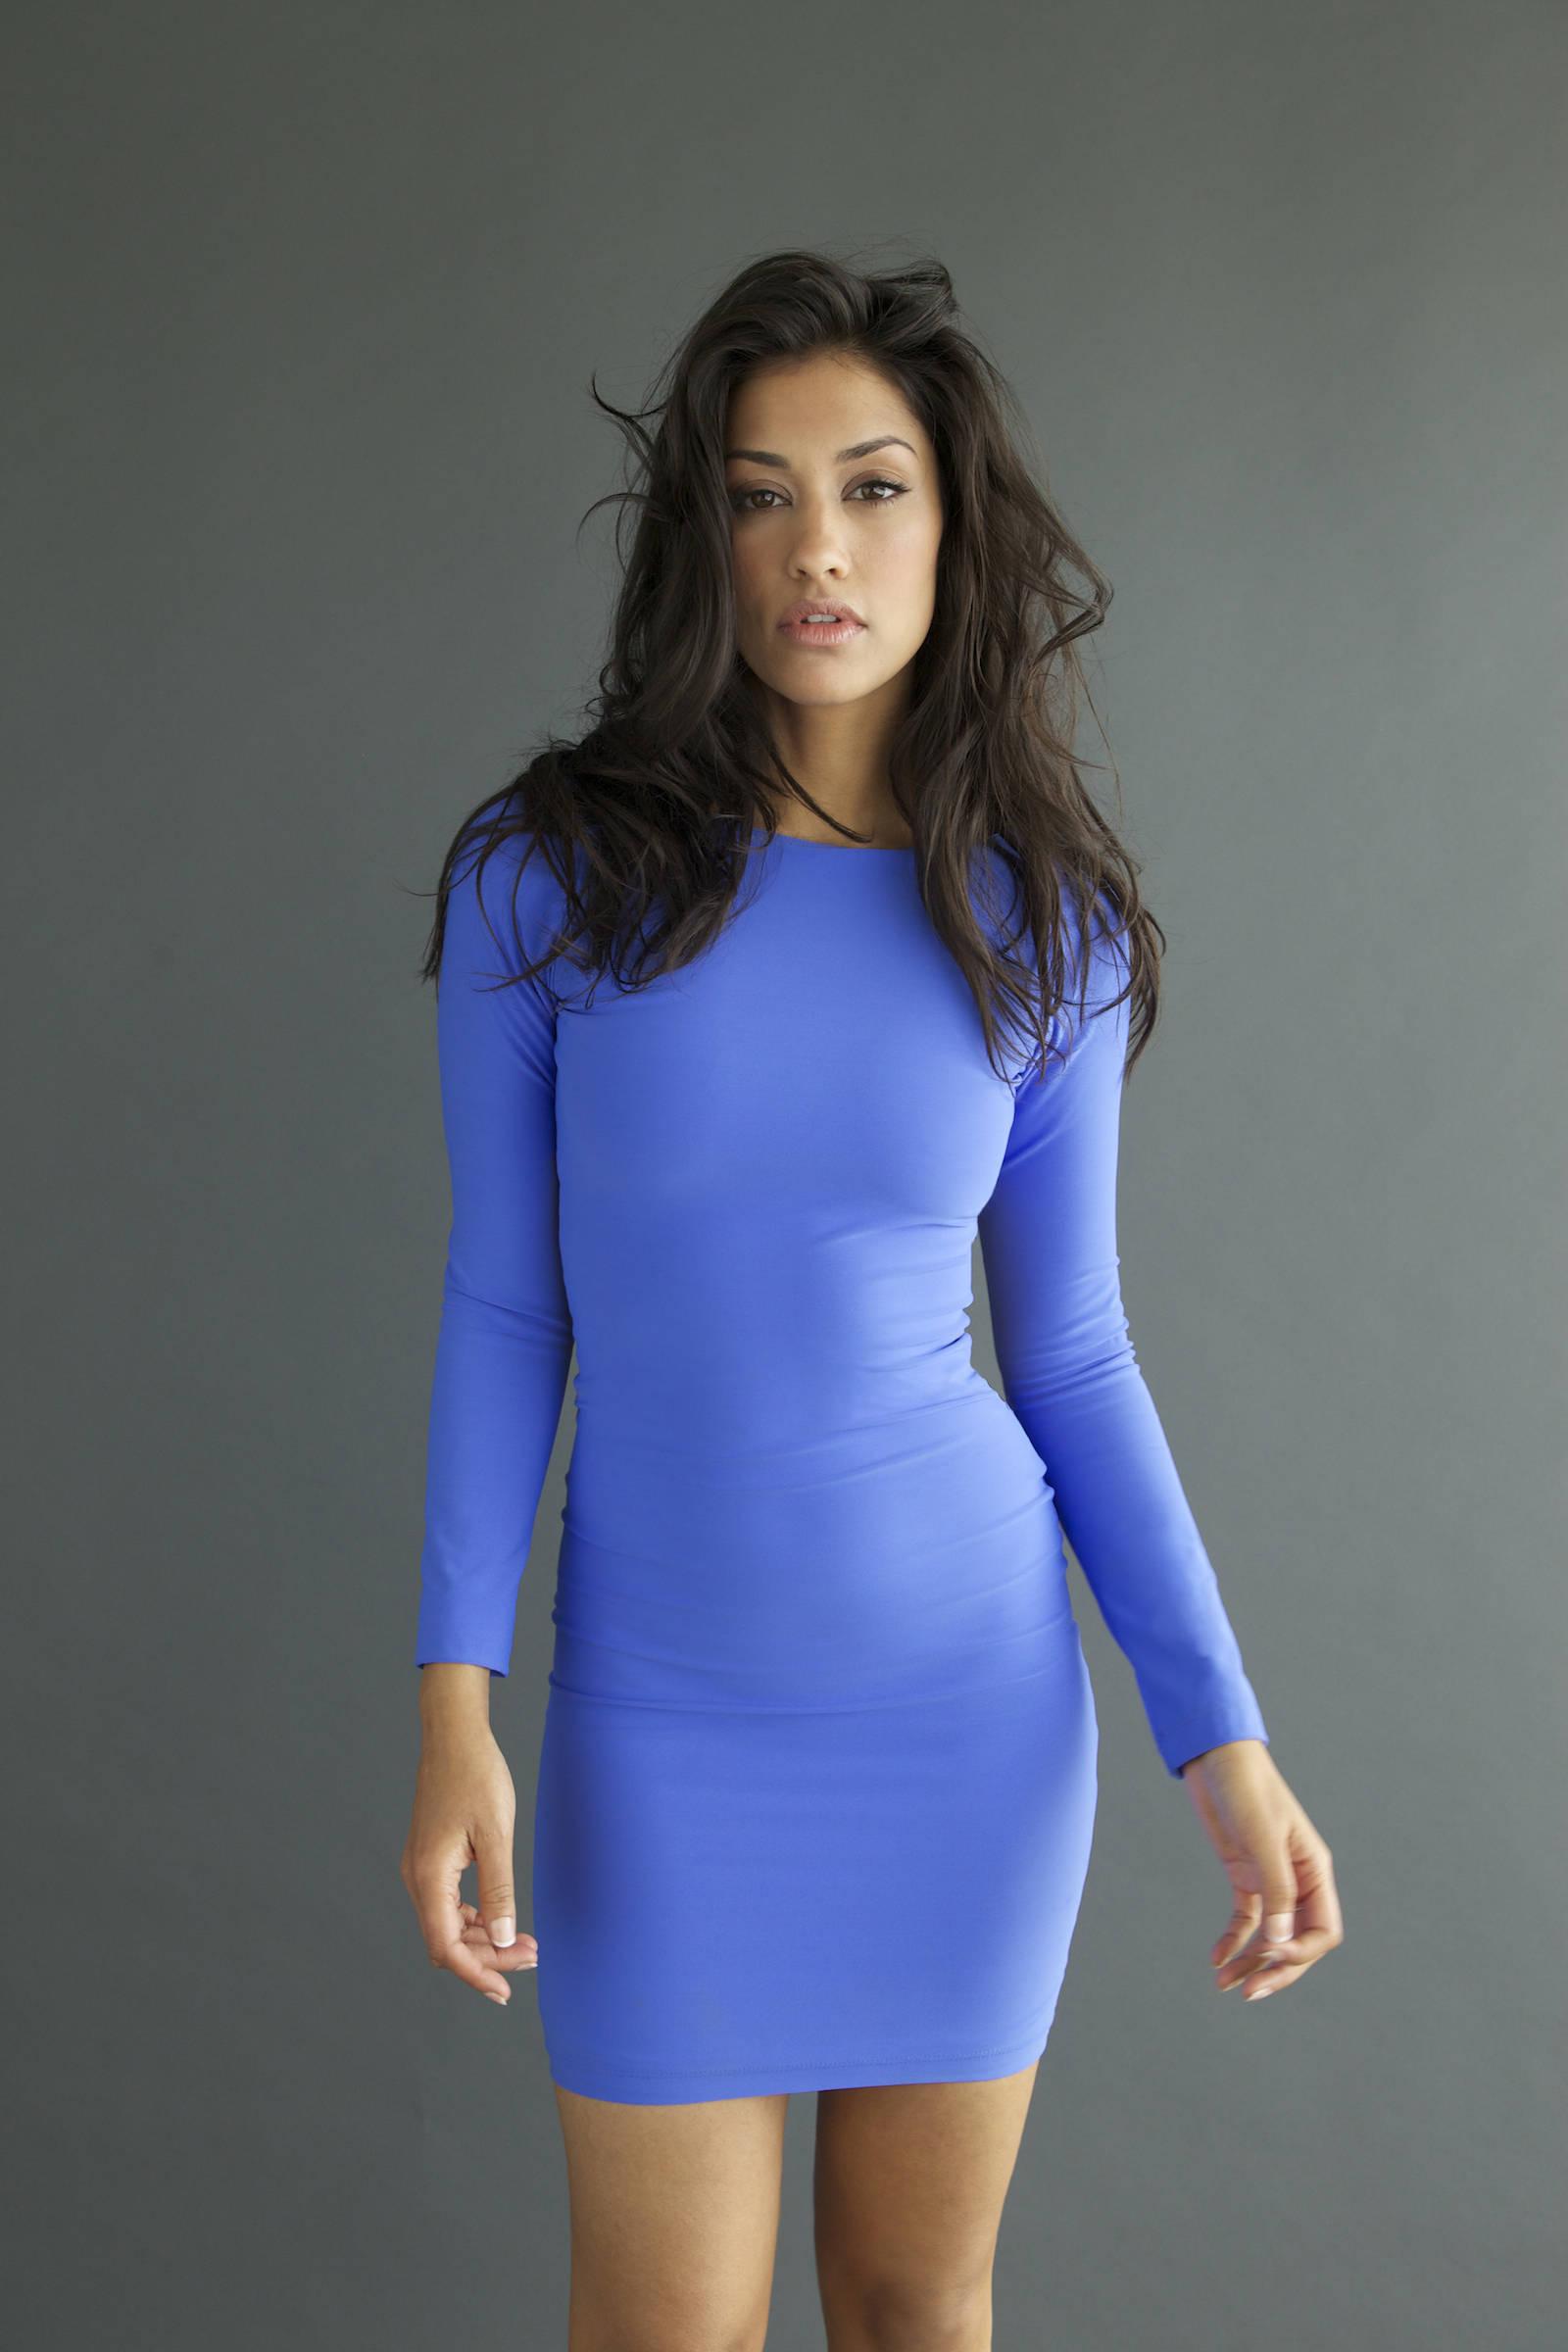 Фото обтягивающие платье